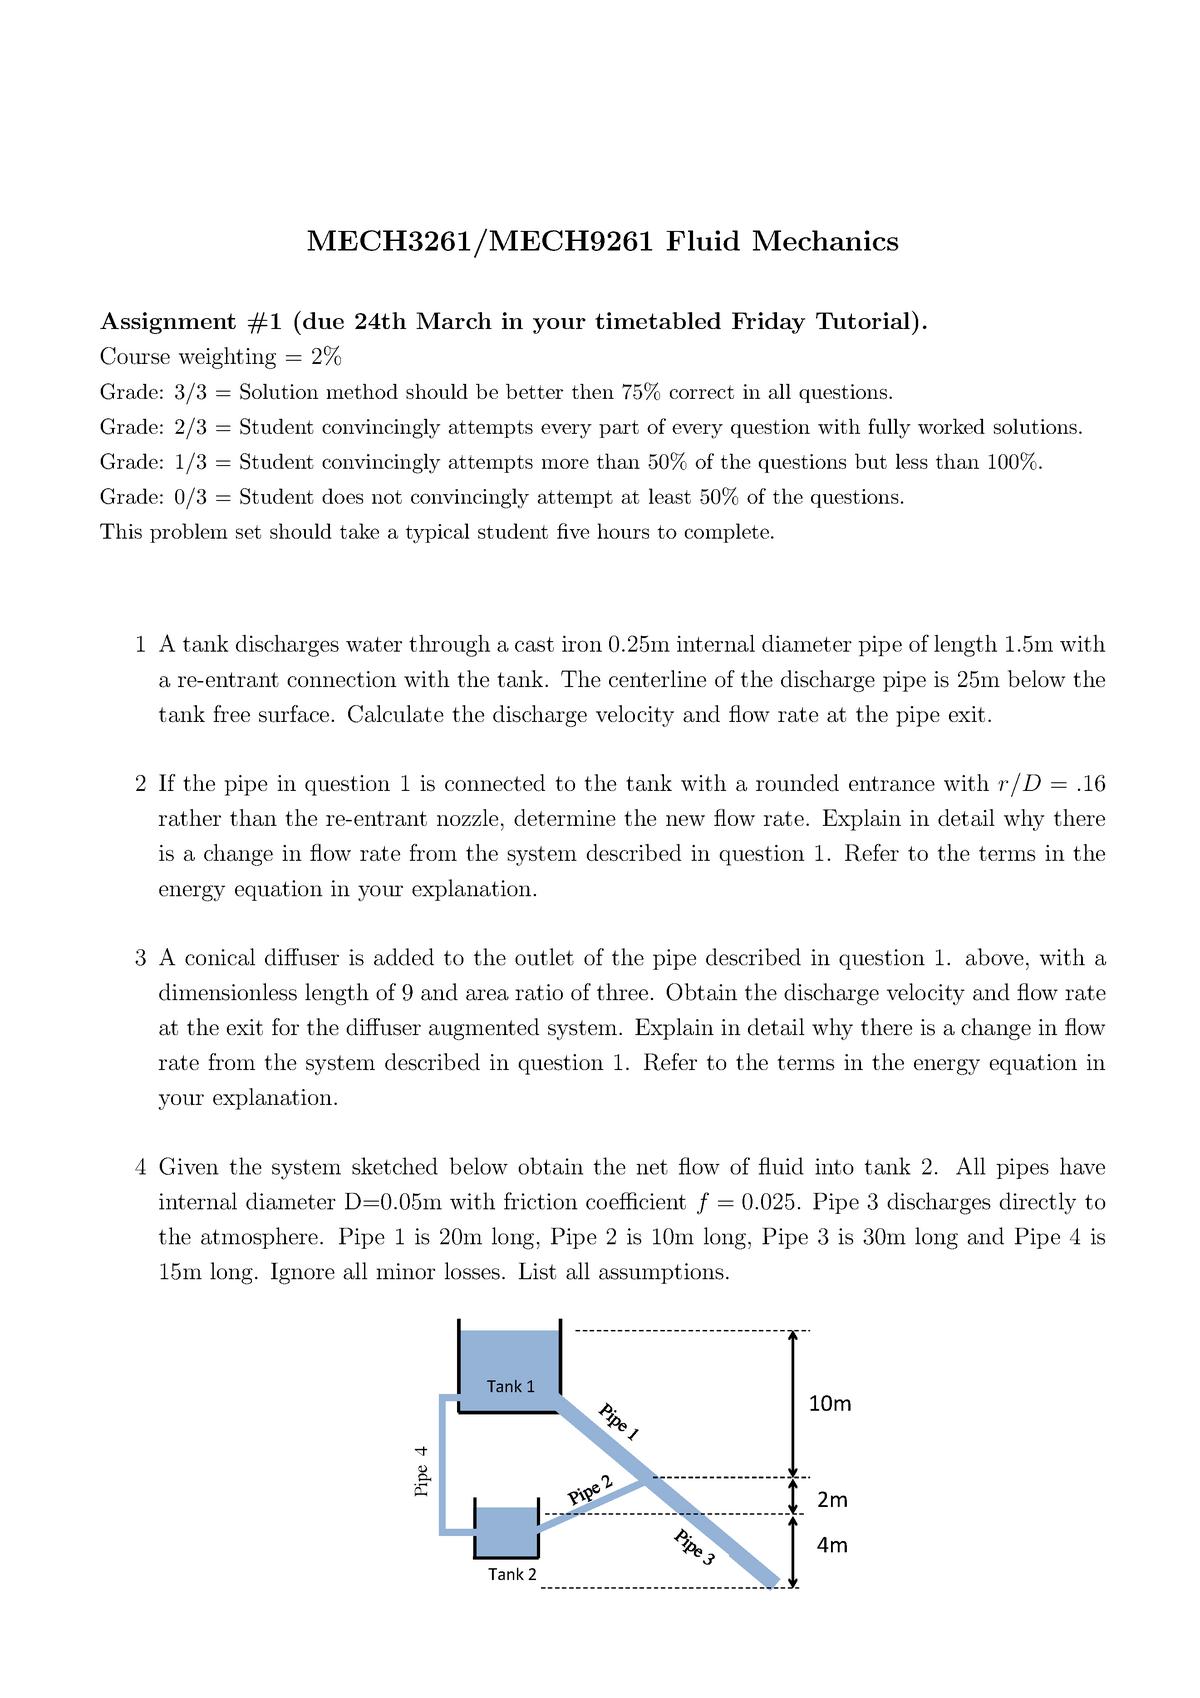 Assg1 - Assignment for year 2017 - MECH3261: Fluid Mechanics